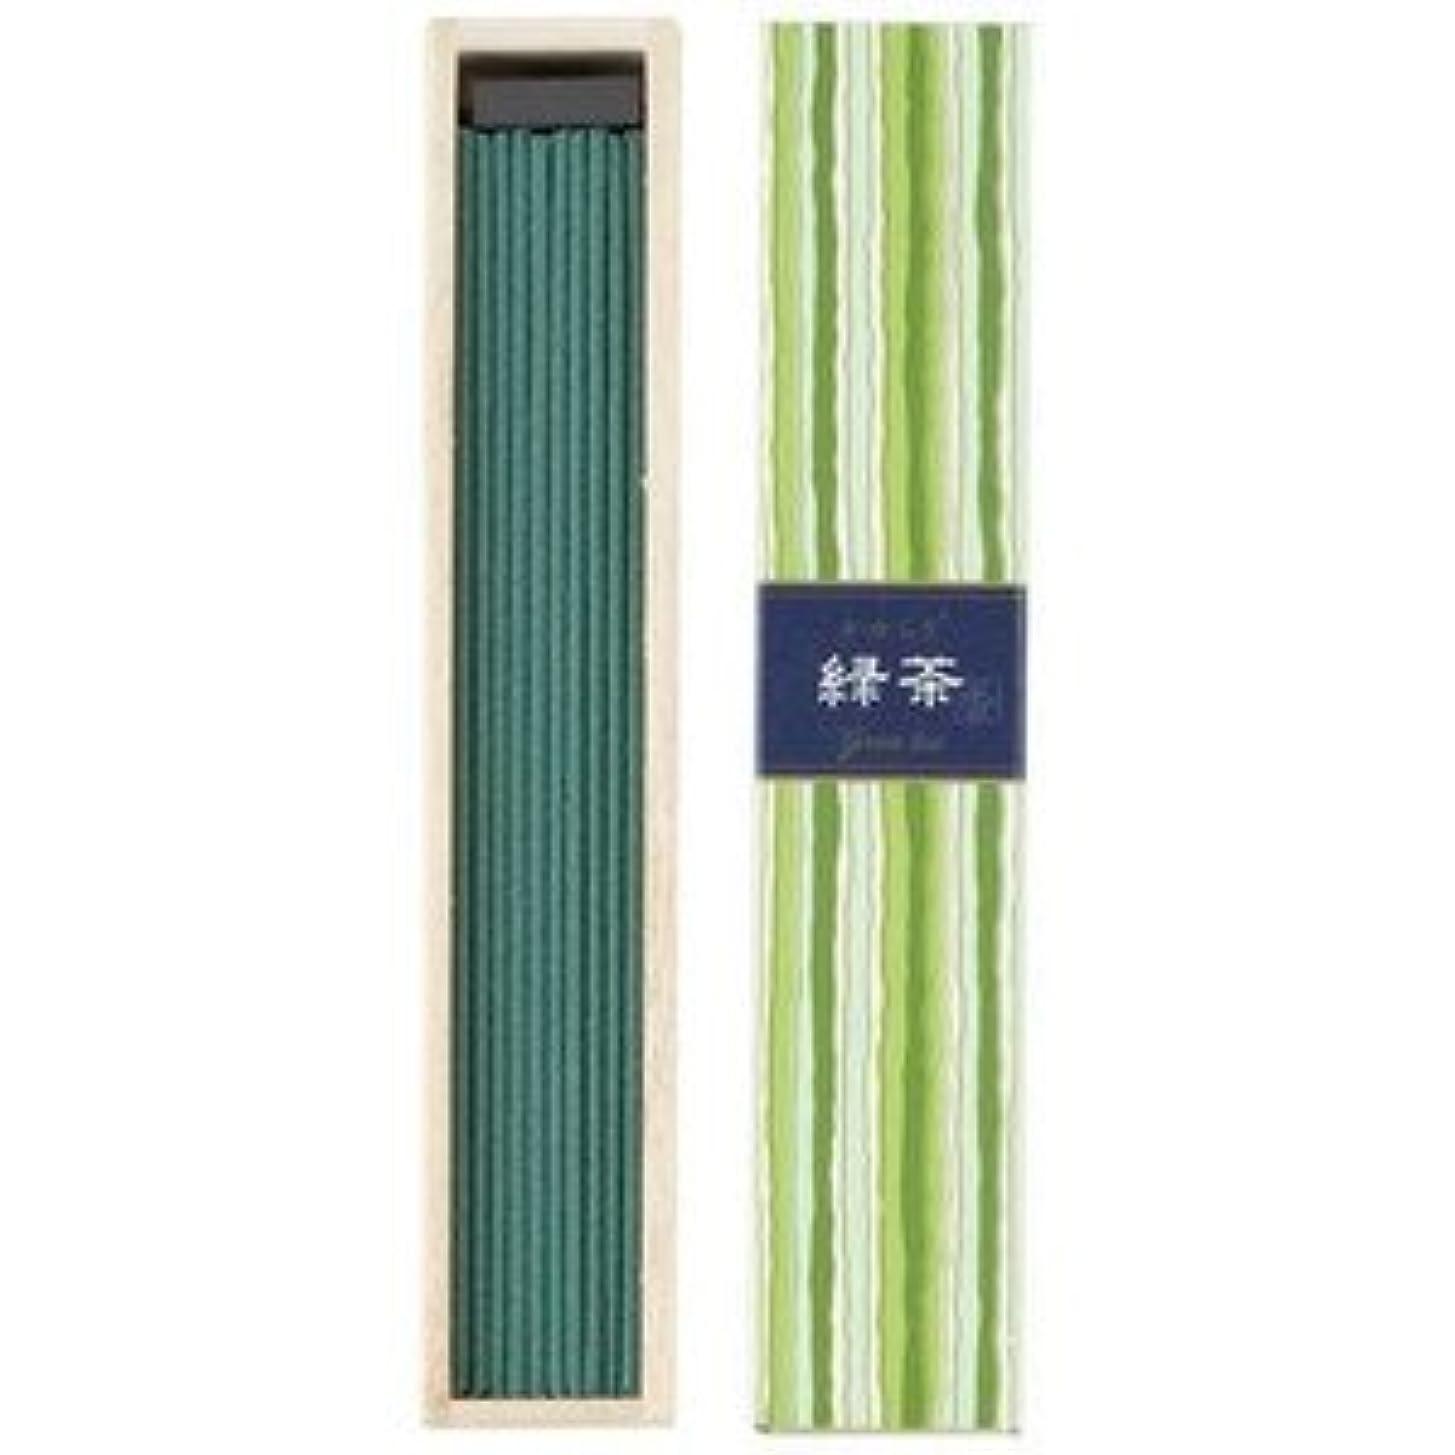 広告主王室香港日本香堂 かゆらぎスティック 緑茶